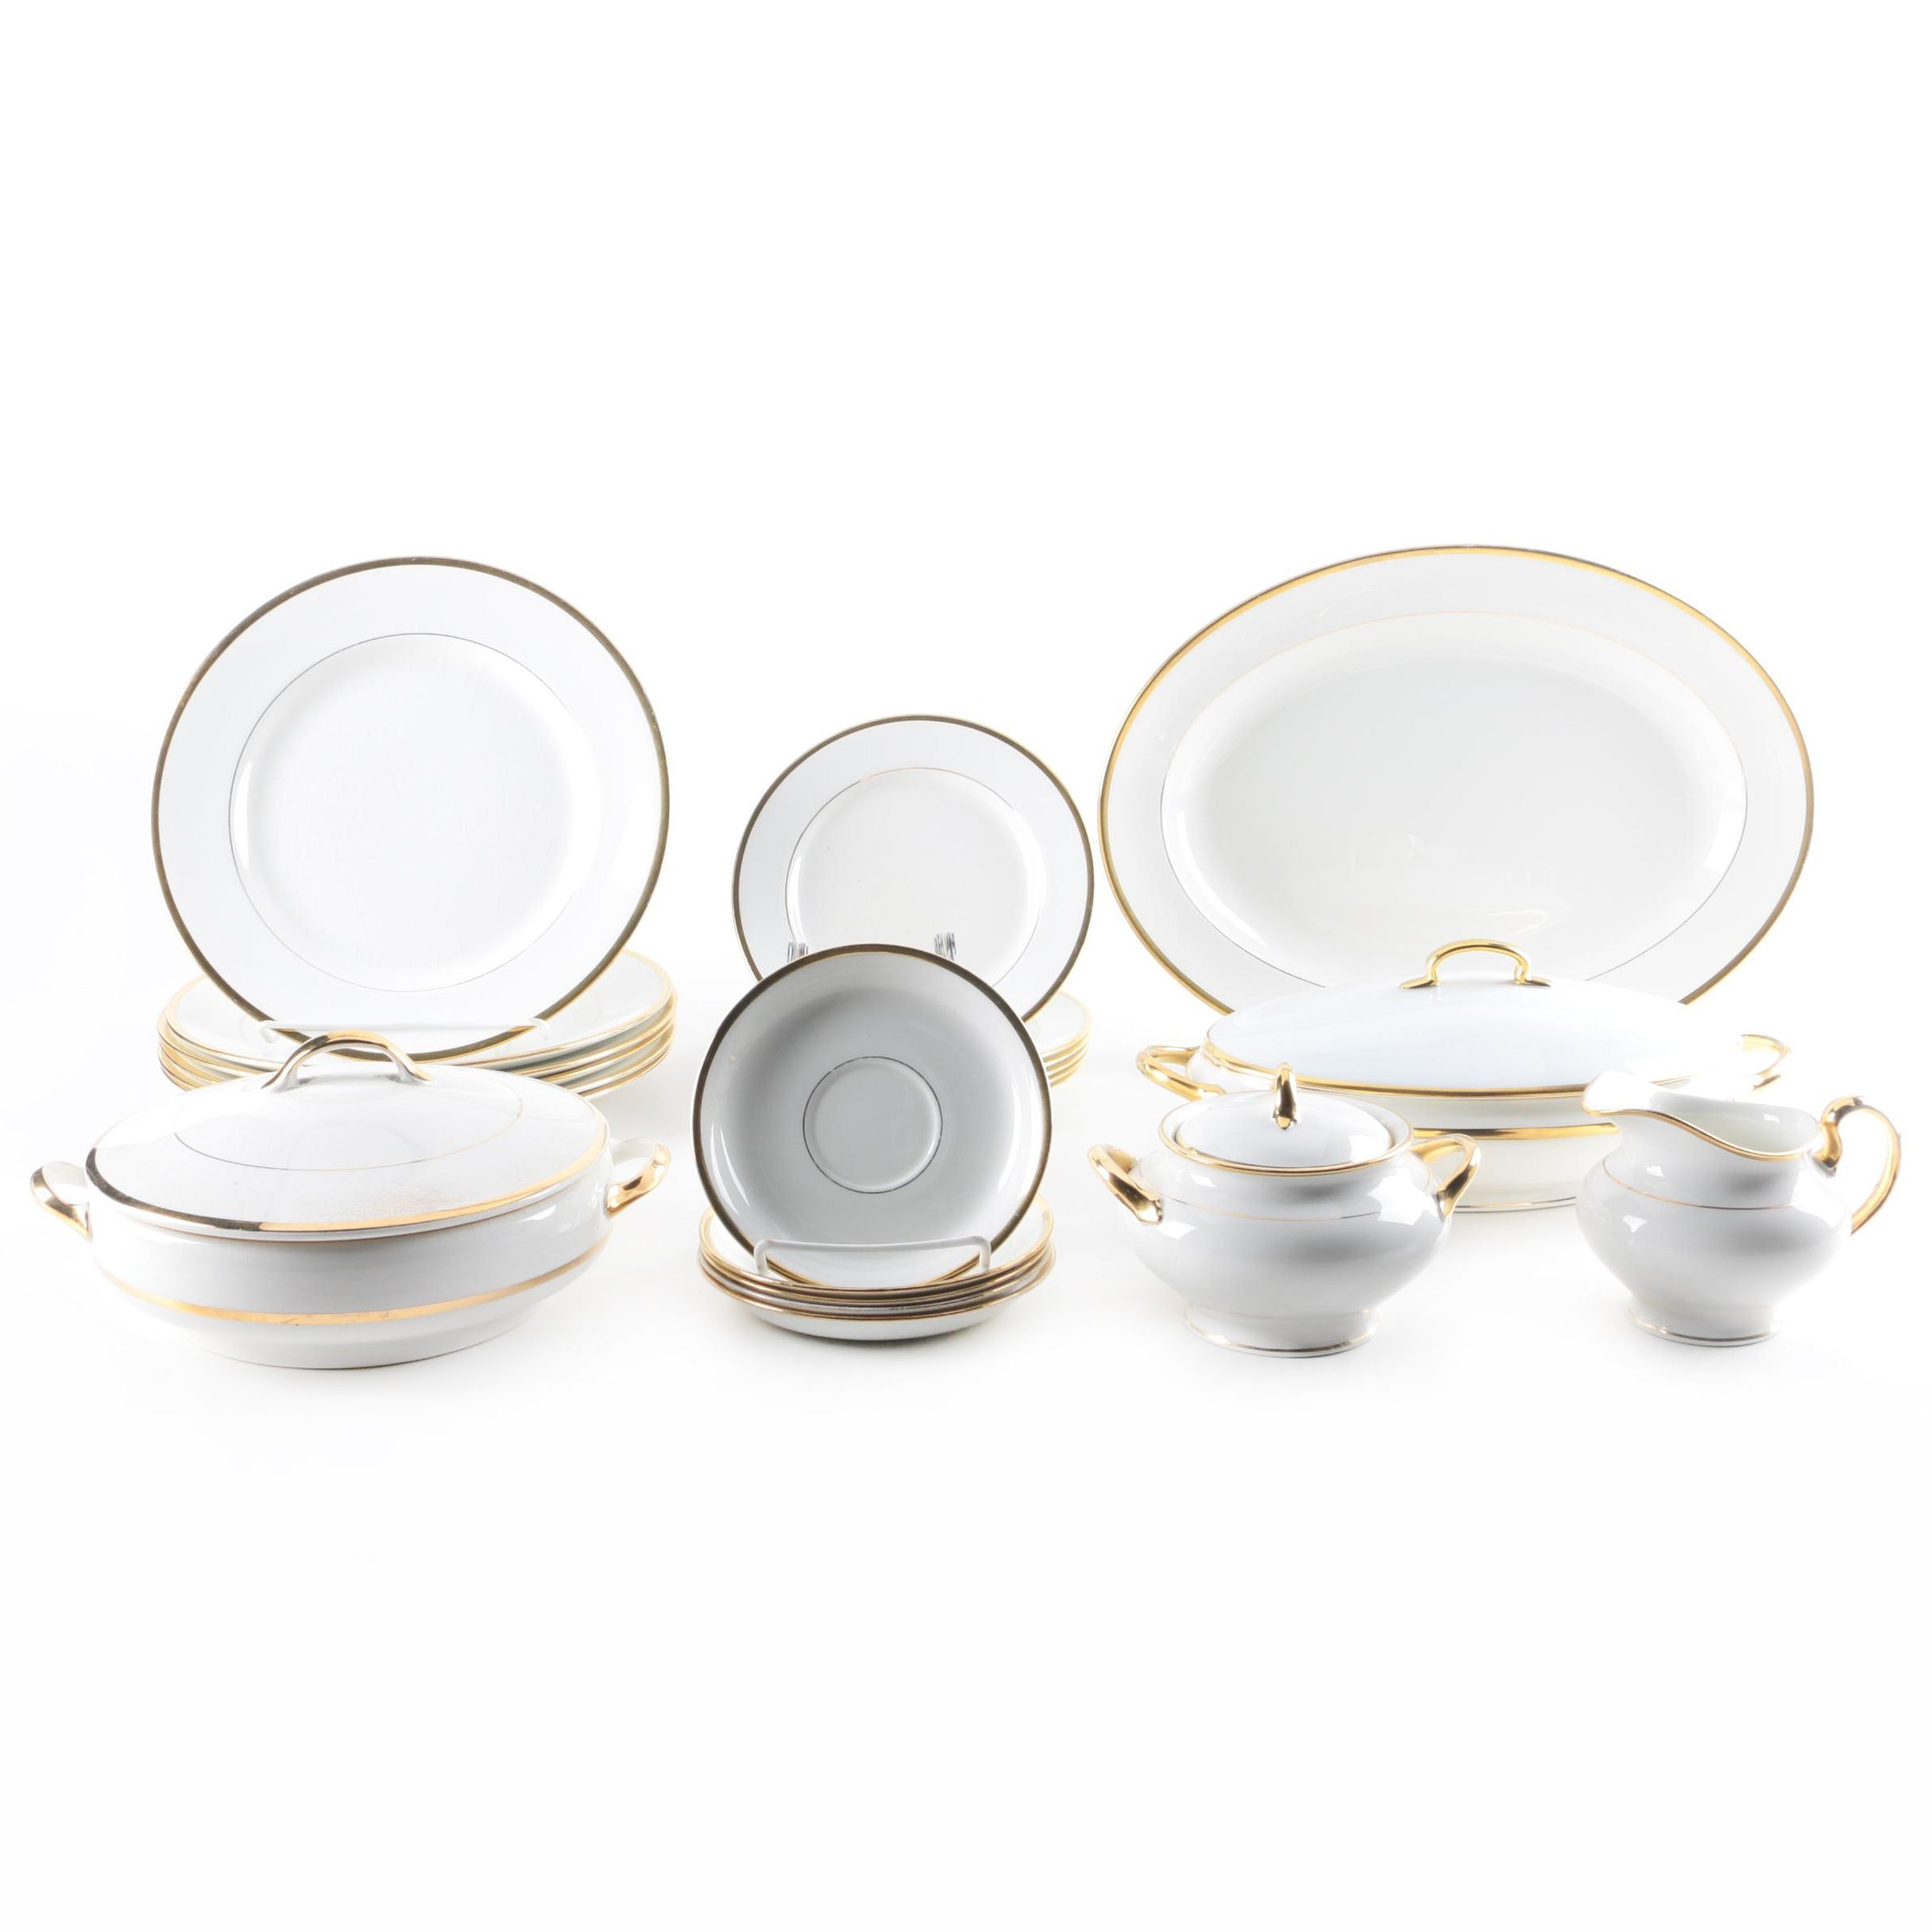 Vintage Johnson Brothers Tableware